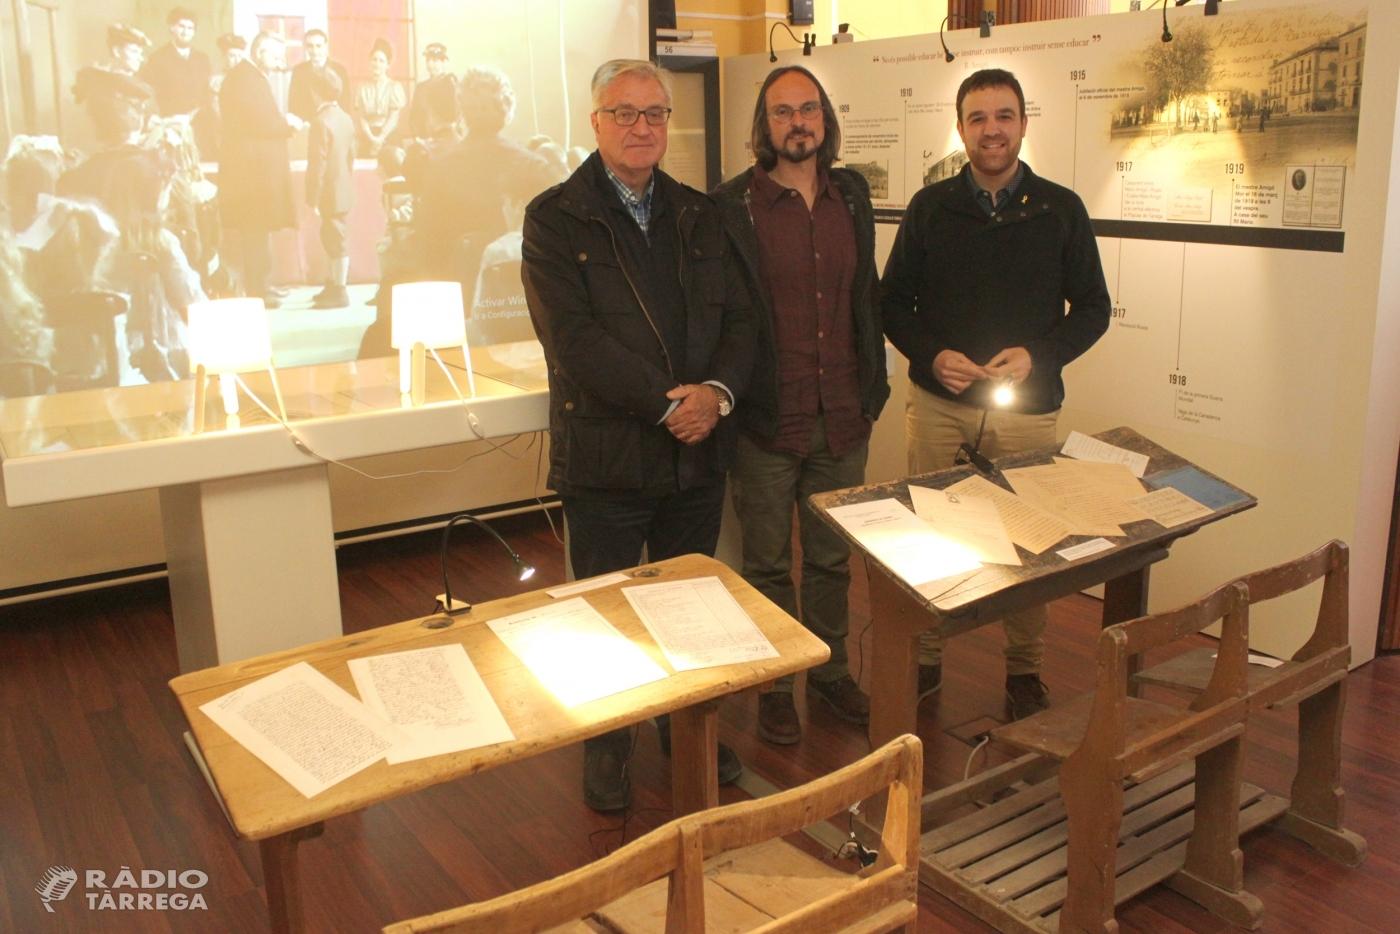 Tàrrega divulga en una exposició la figura del mestre Bonaventura Amigó, impulsor del Parc de Sant Eloi i renovador de la pedagogia